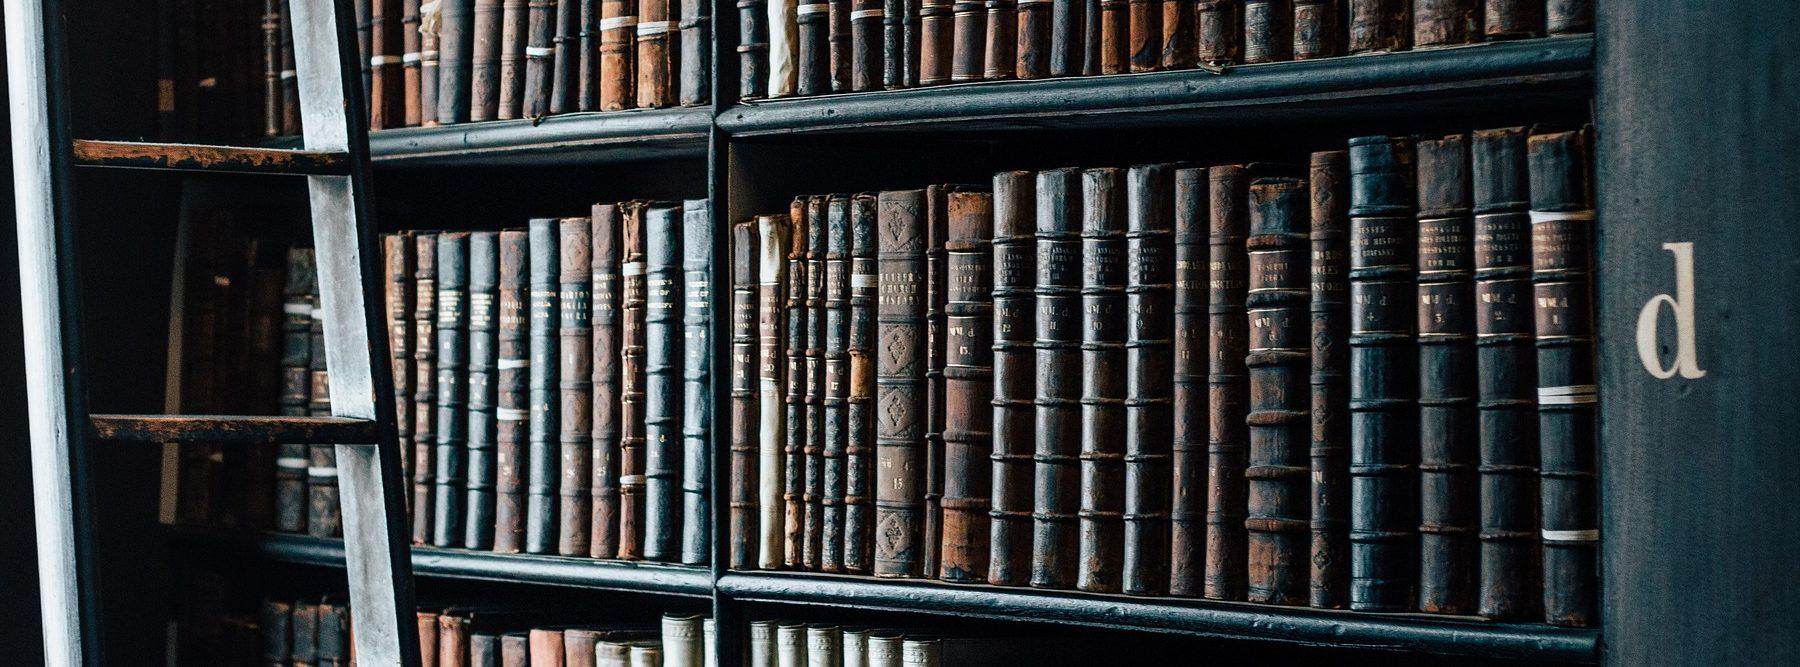 5 libros que Bill Gates recomienda para el verano